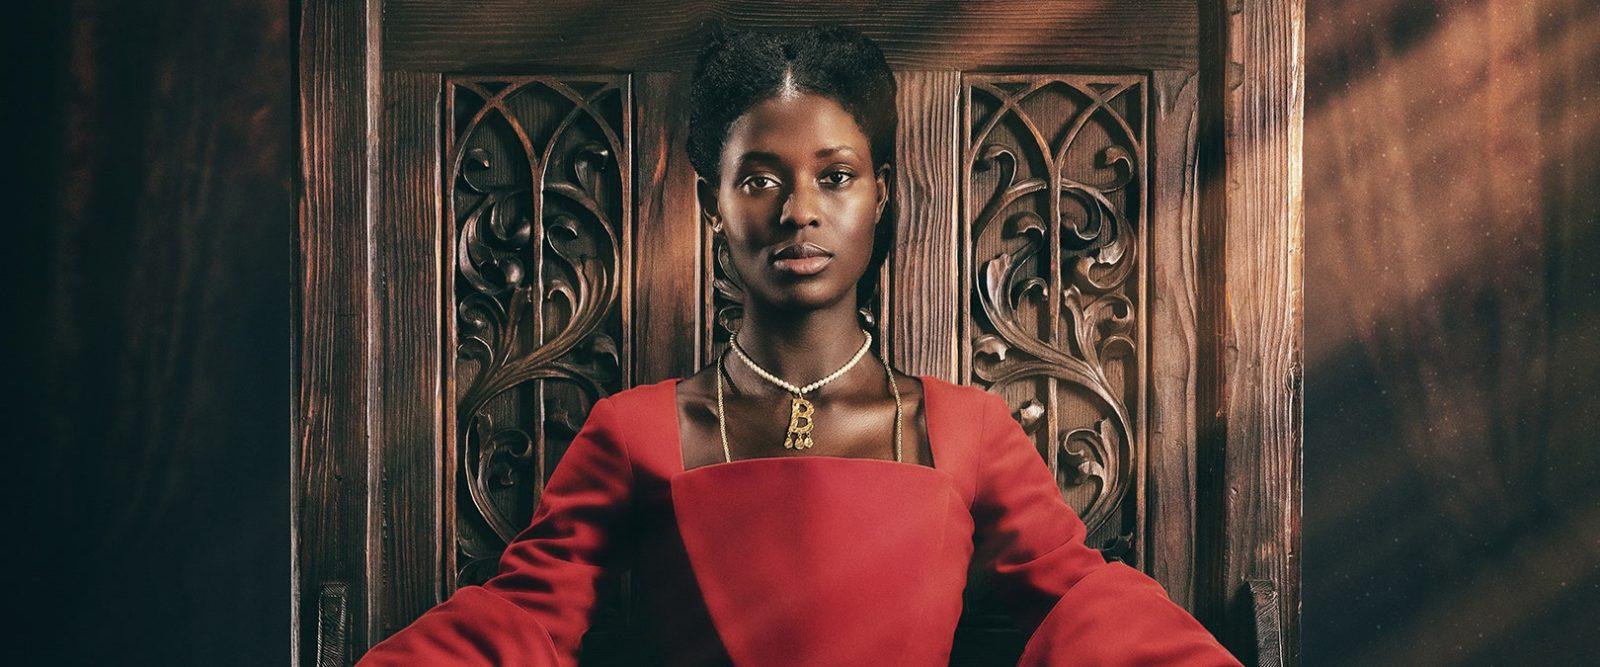 Зрители не оценили темнокожую Анну Болейн